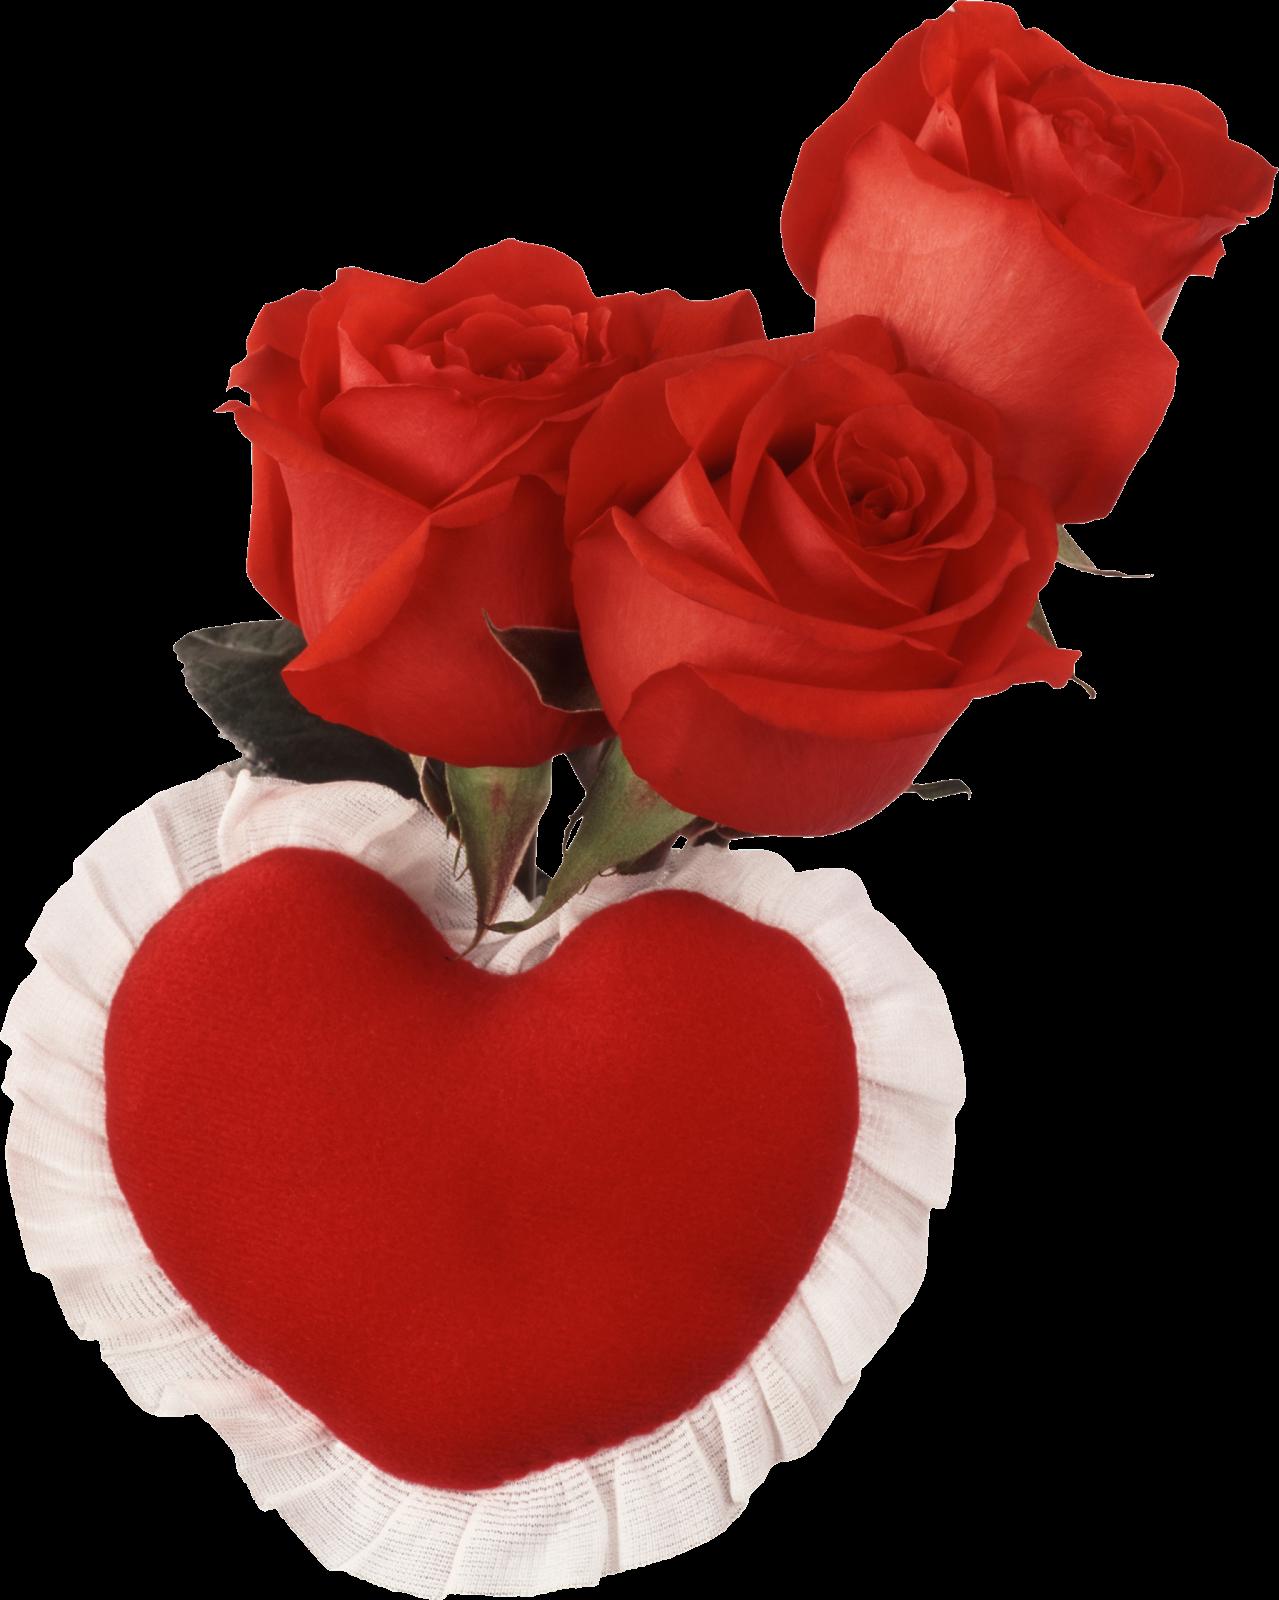 Imagen de amor con rosas rojas con movimiento  - Imagenes De Rosas Rojas Brillantes